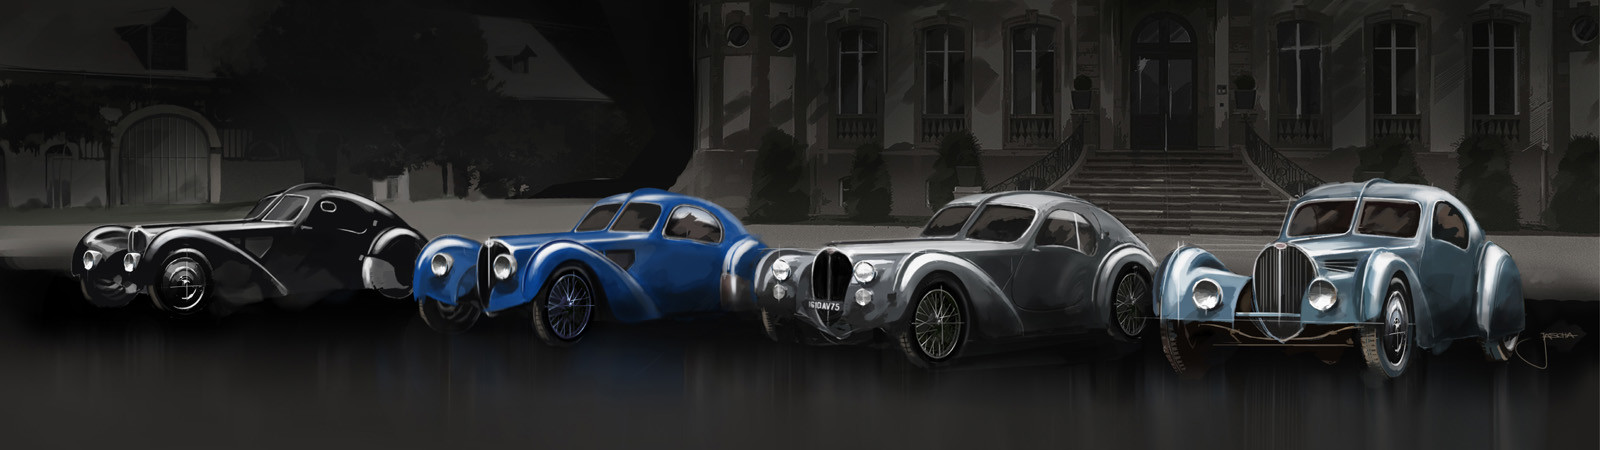 Foto de Bugatti Type 57 Atlantic La Voiture Noire (12/12)